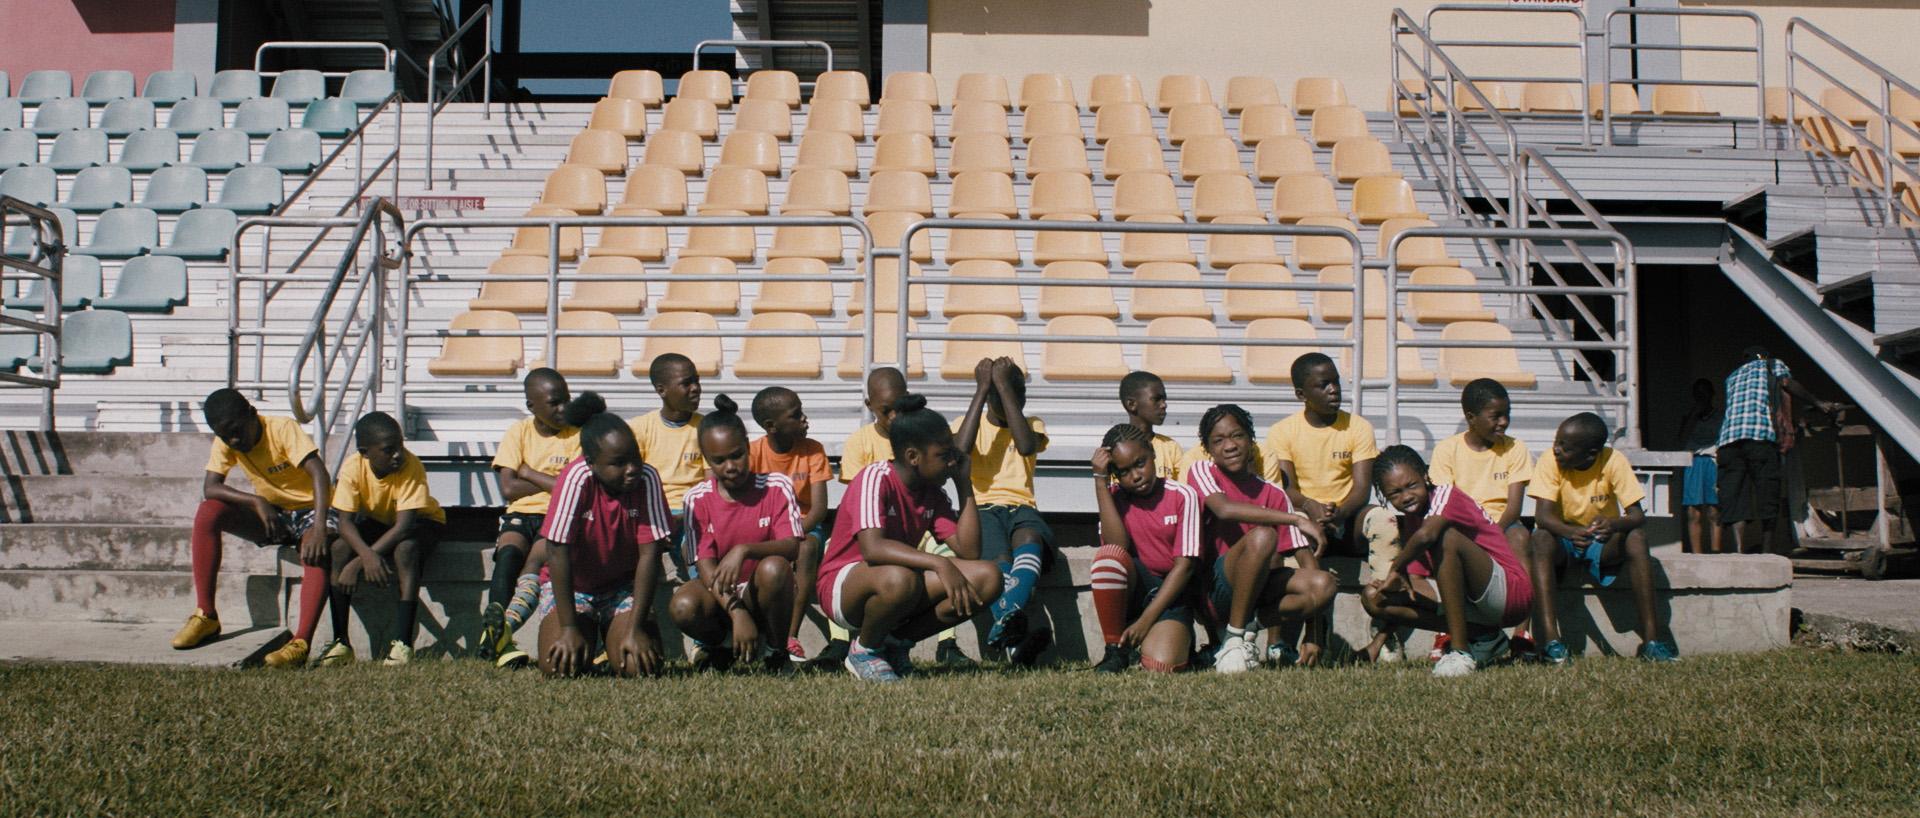 FIFA_Stills_Jamaica_1.1.17.jpg